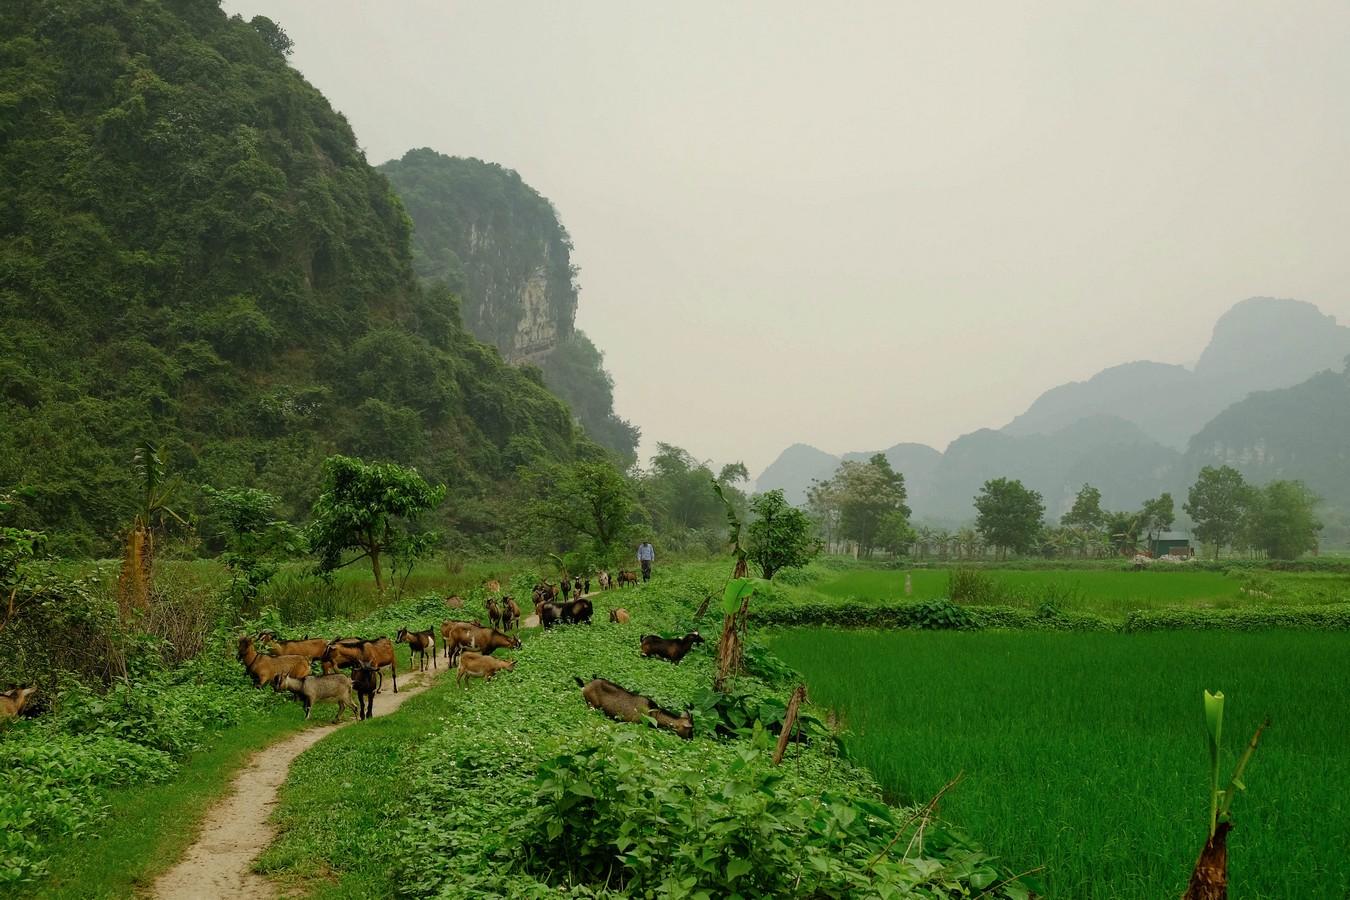 La baie d'Halong terrestre à Tam Coc